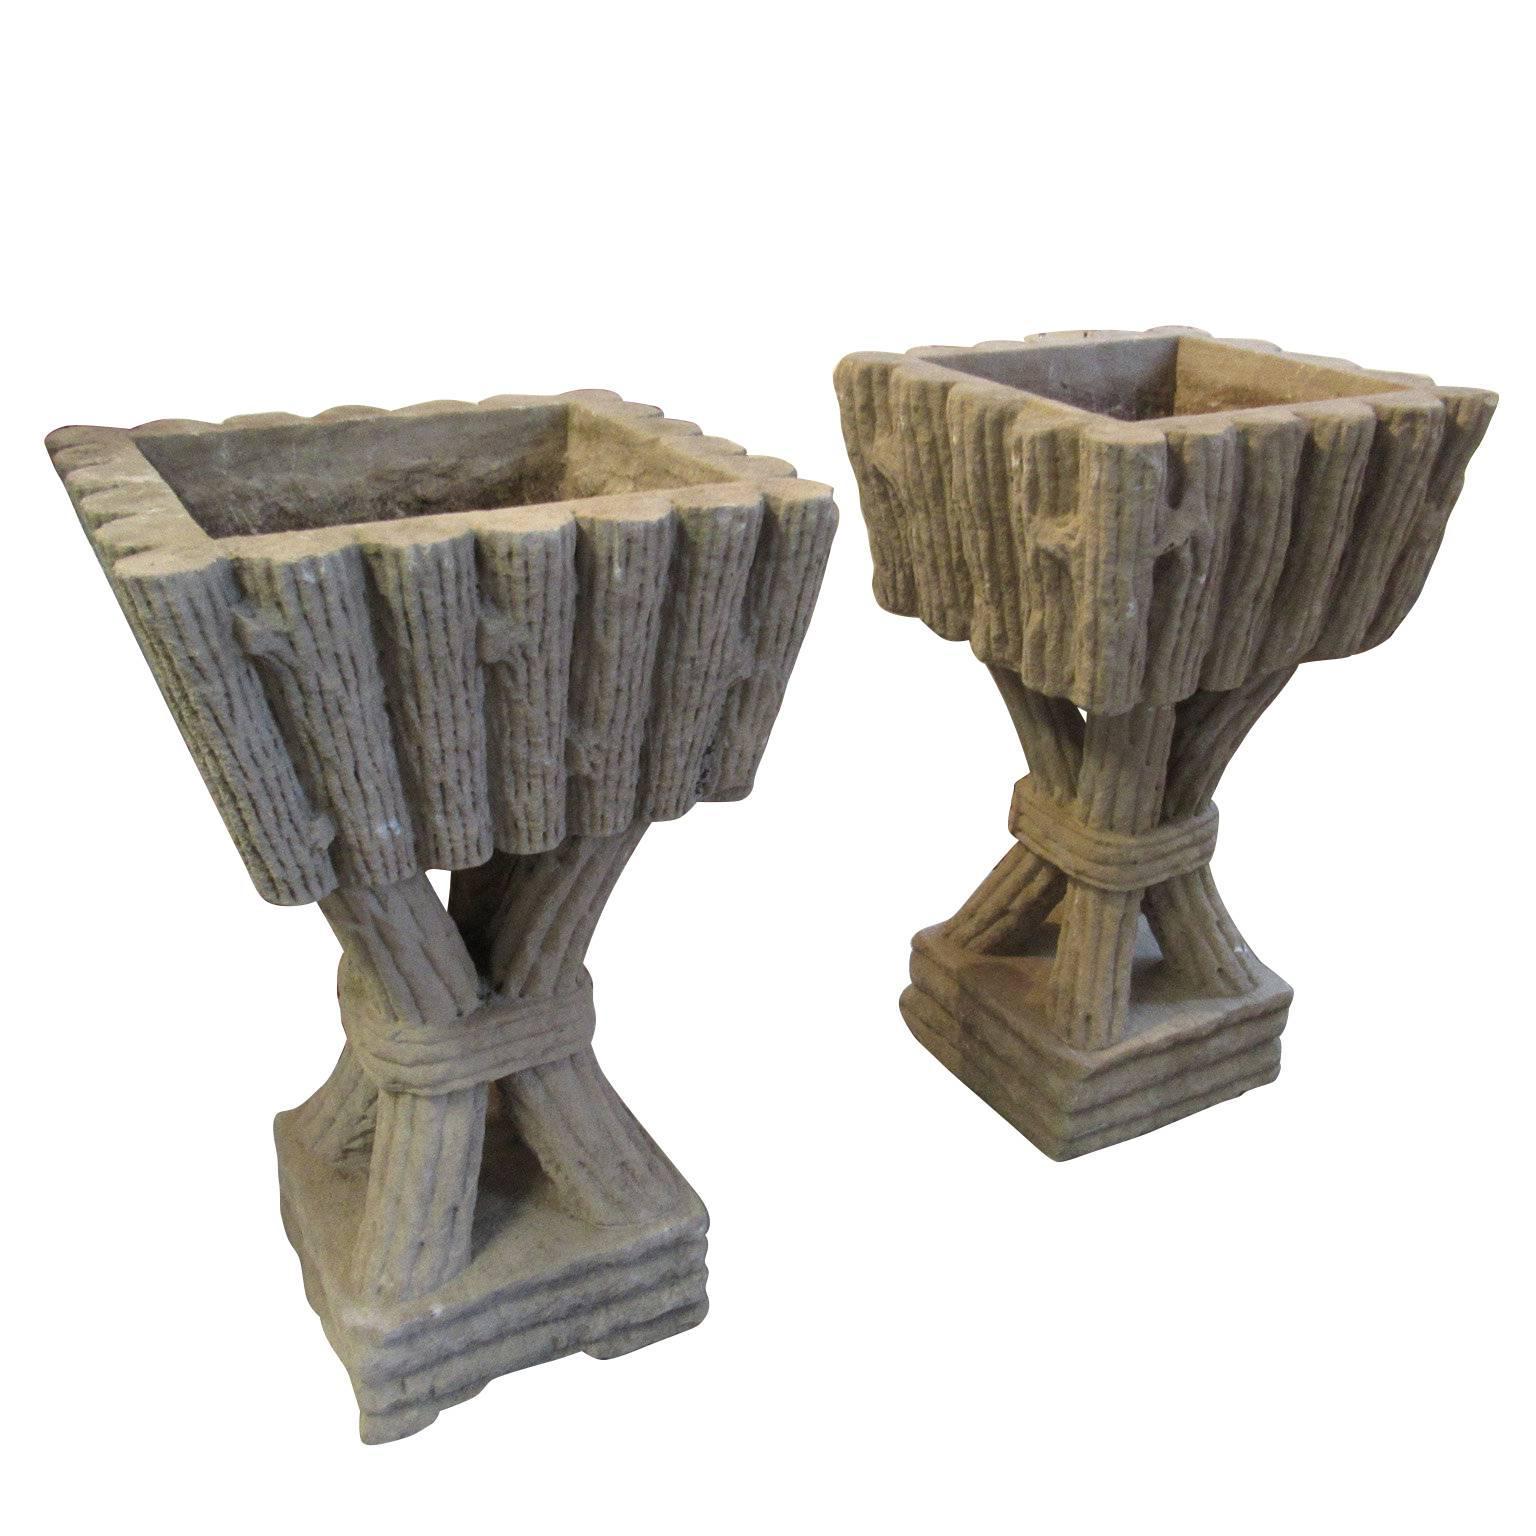 Large Pair Of Vintage Faux Bois Pedestal Form Cast Stone Garden Planters